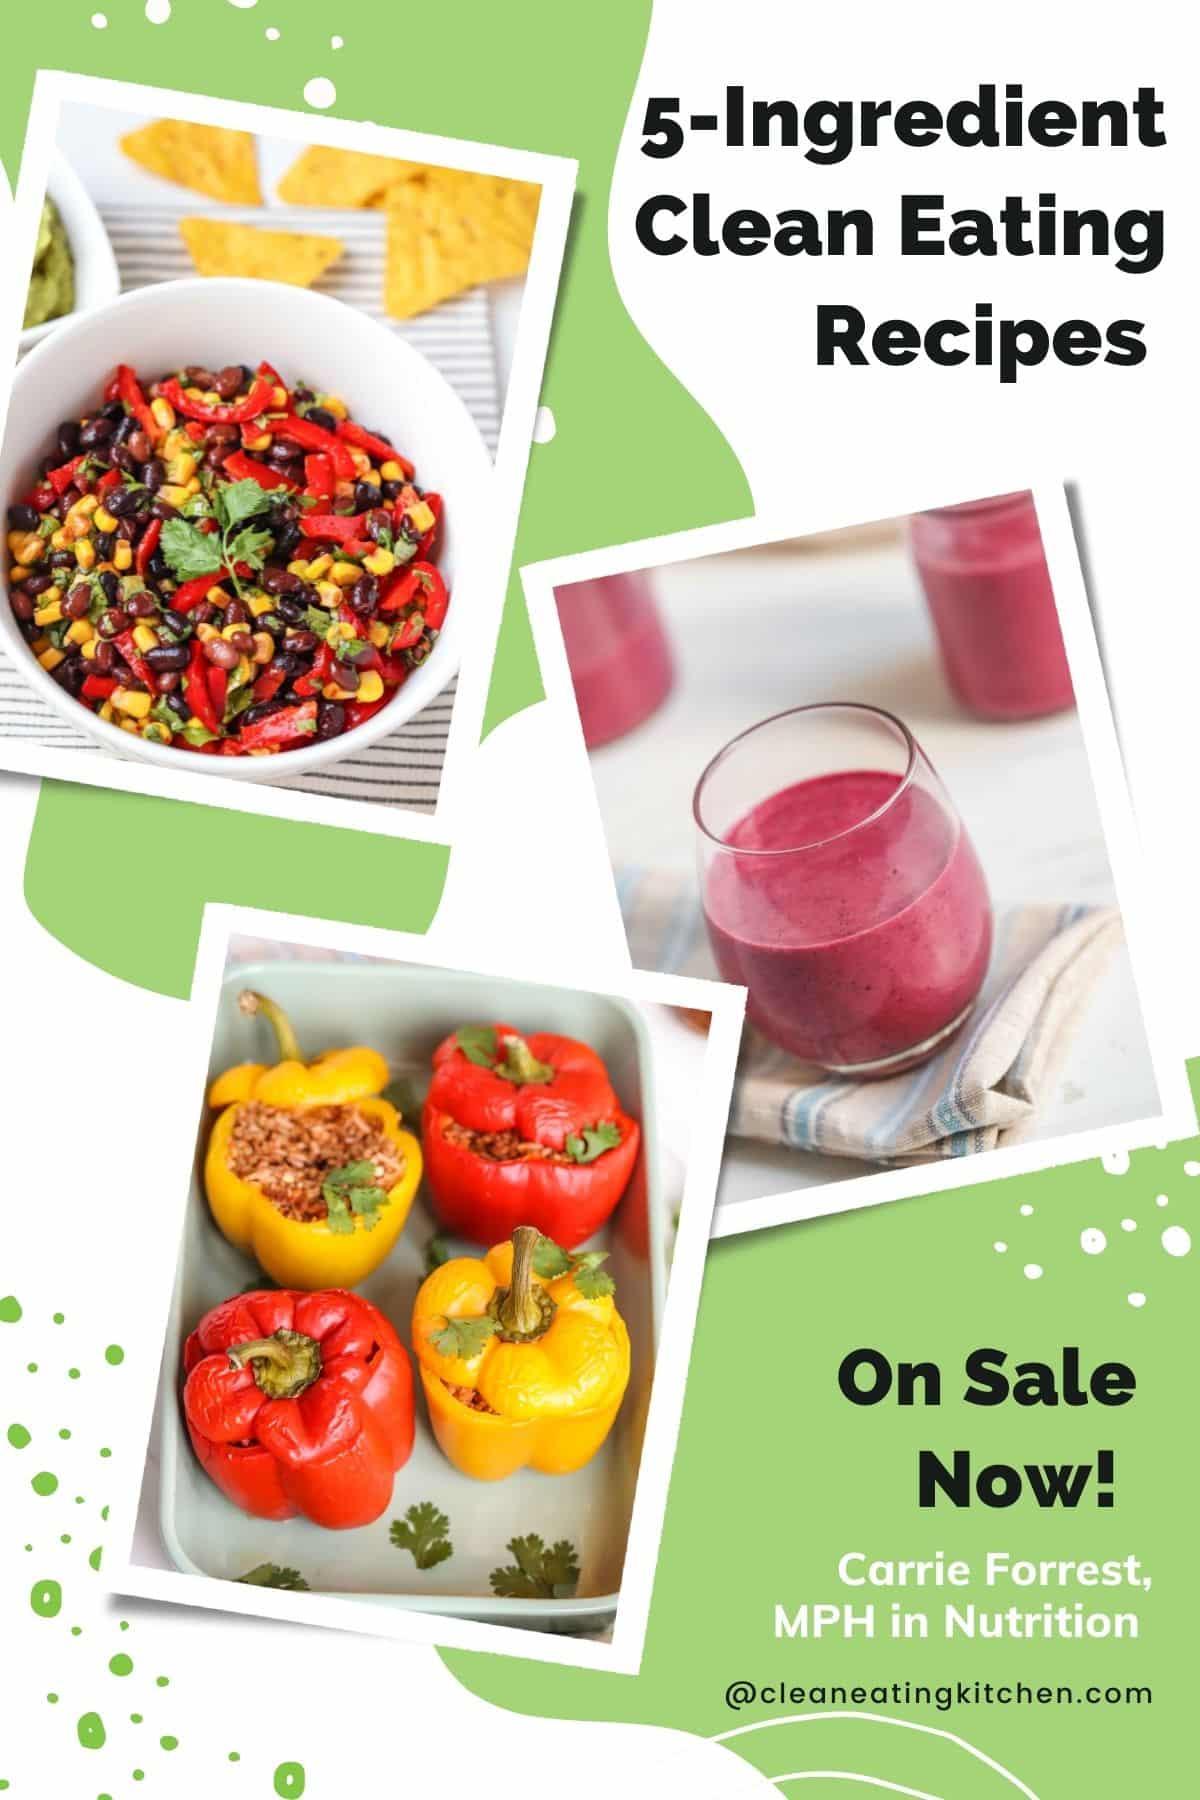 5-ingredient recipe ebook cover image